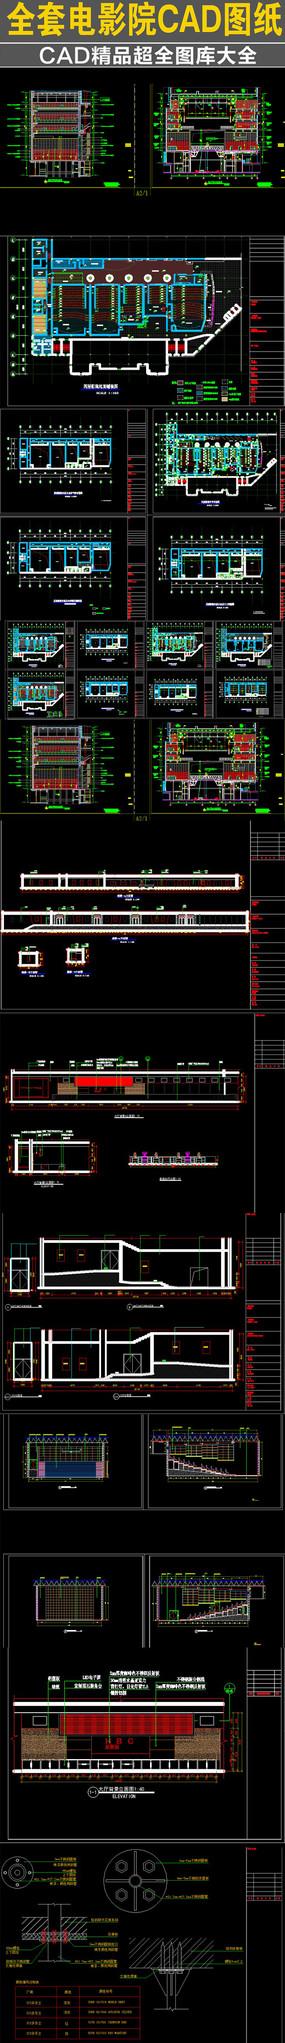 影院全套CAD施工图